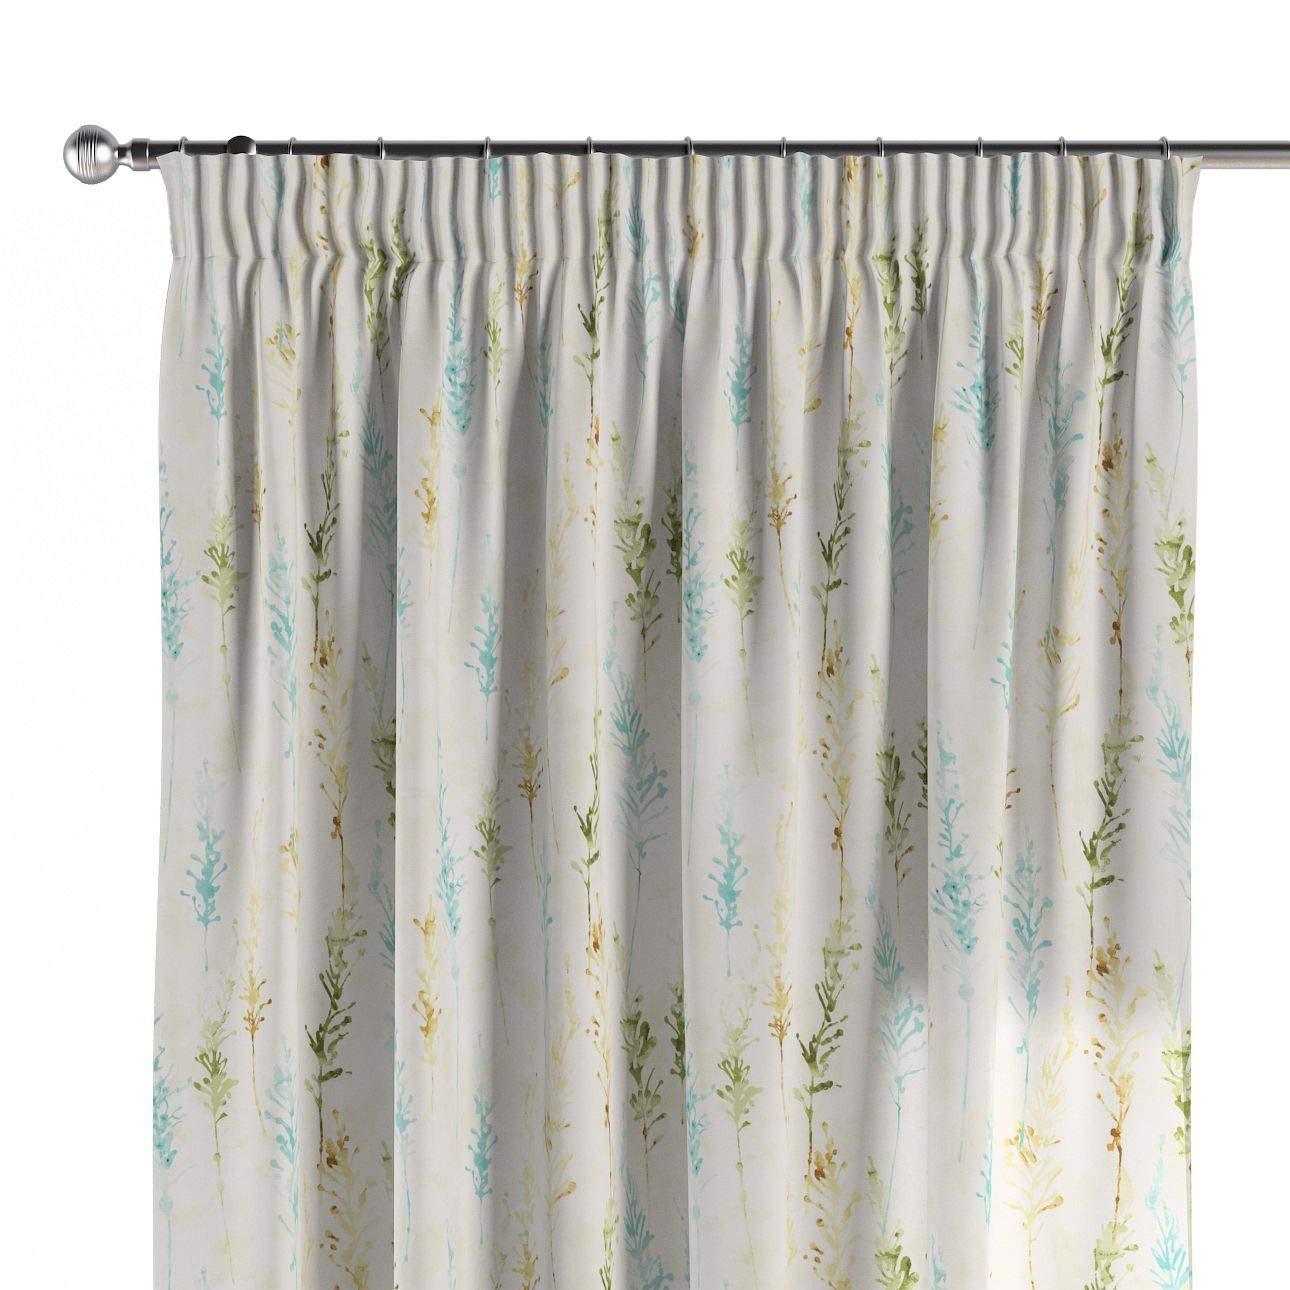 Dekoria Vorhang mit Kräuselband Dekoschal Blickdicht 1 Stck. 130 × 260 cm türkis-grün Maßanfertigung möglich